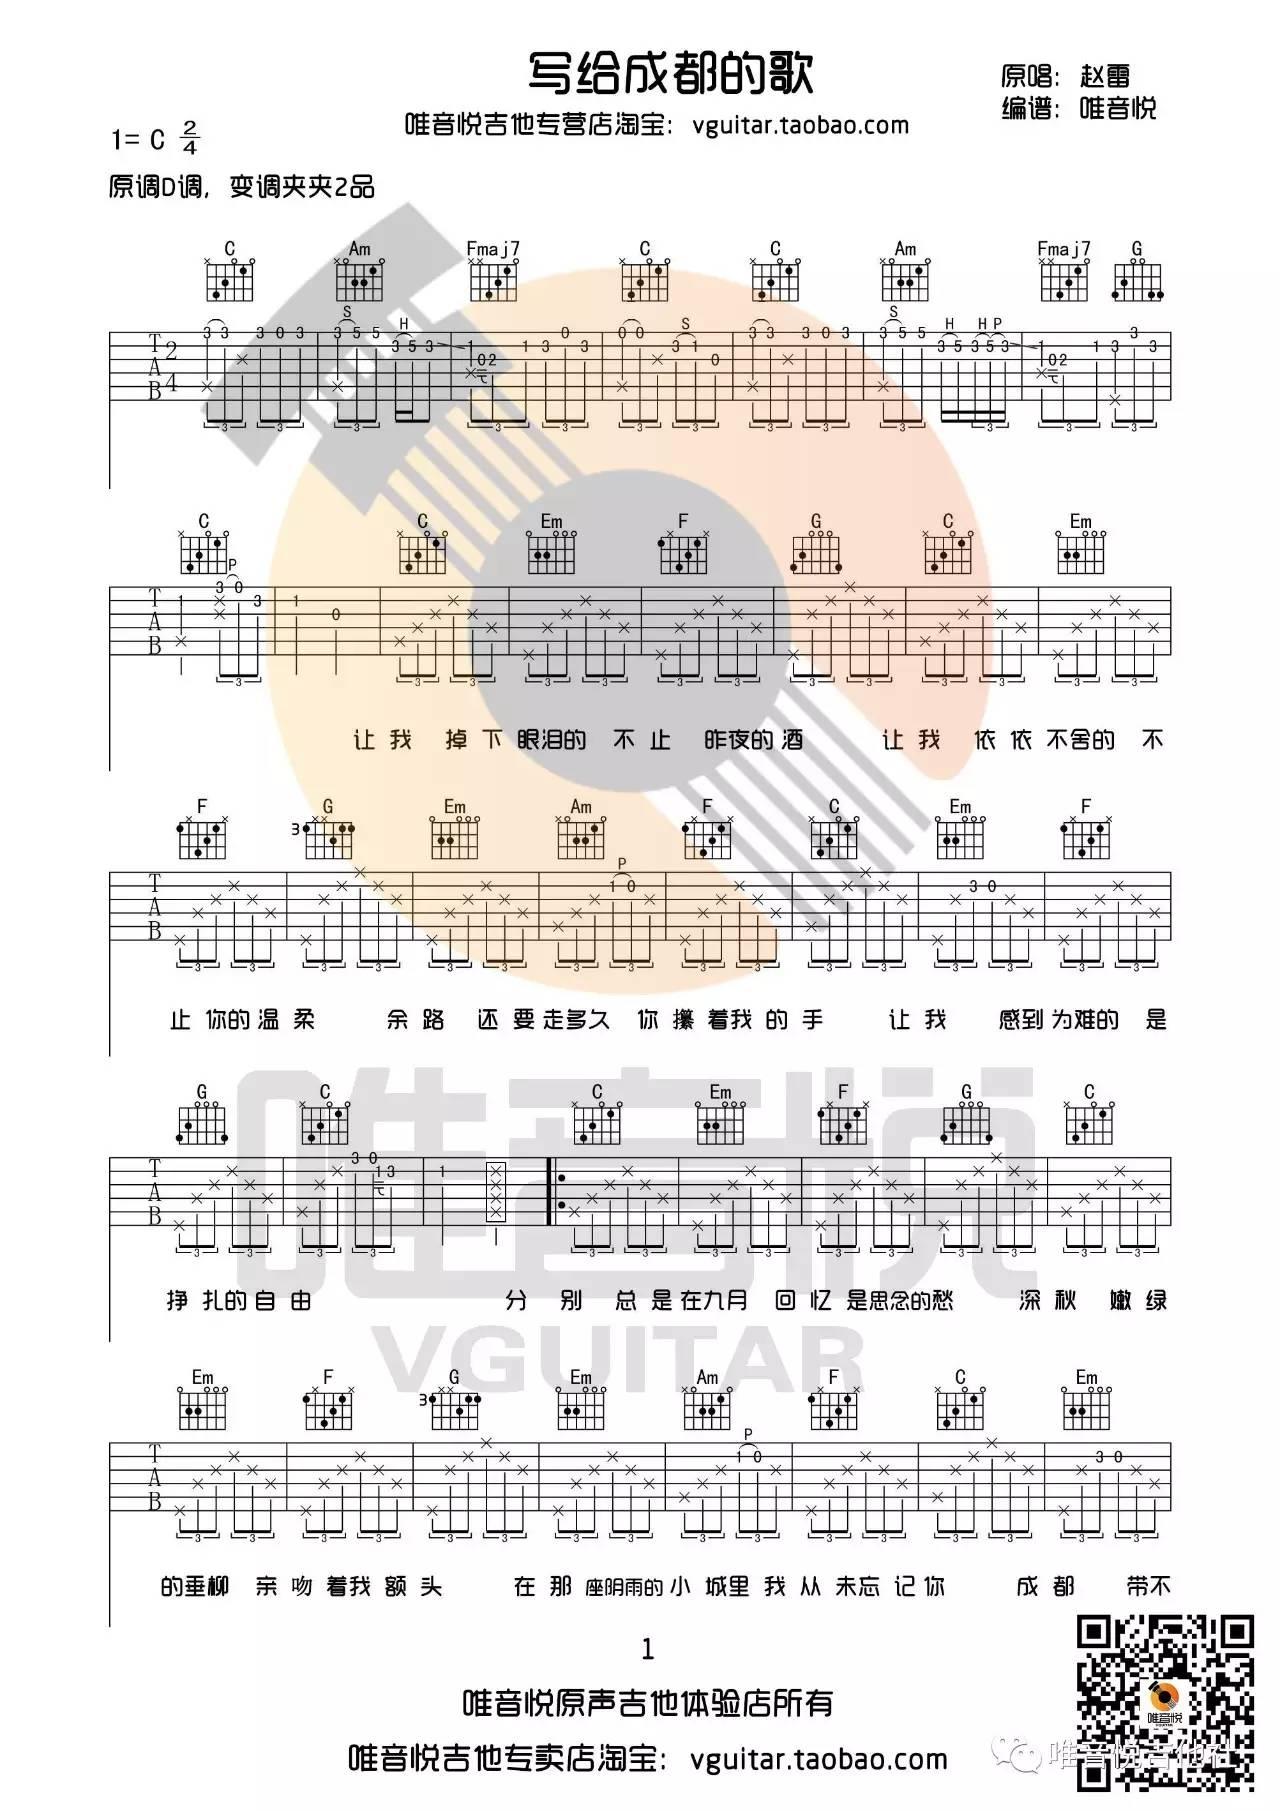 电子琴曲劳动最光荣曲谱-秀品质的吉他,谱子,教学内容,吉他视频等.   建议多跟原曲和我们